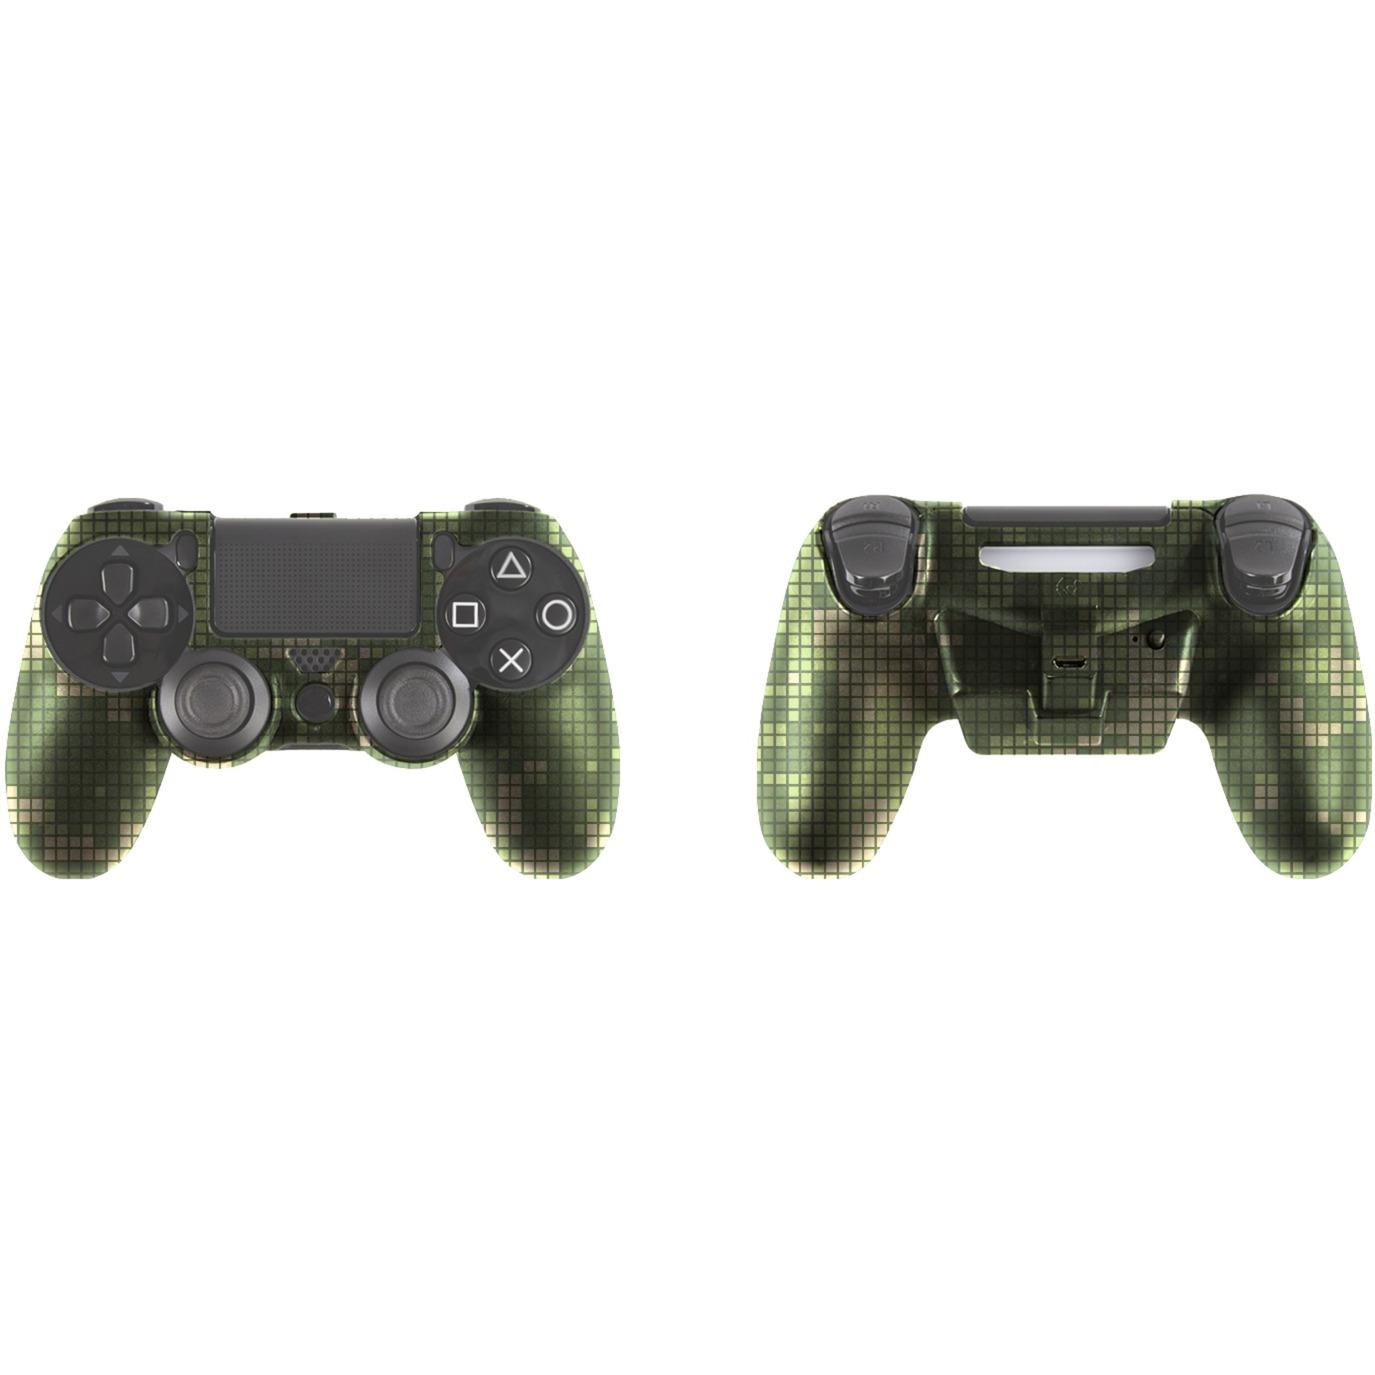 CSPPS4-13-MU Gaming controller case Accessoire de manette de jeux, Étui de protection